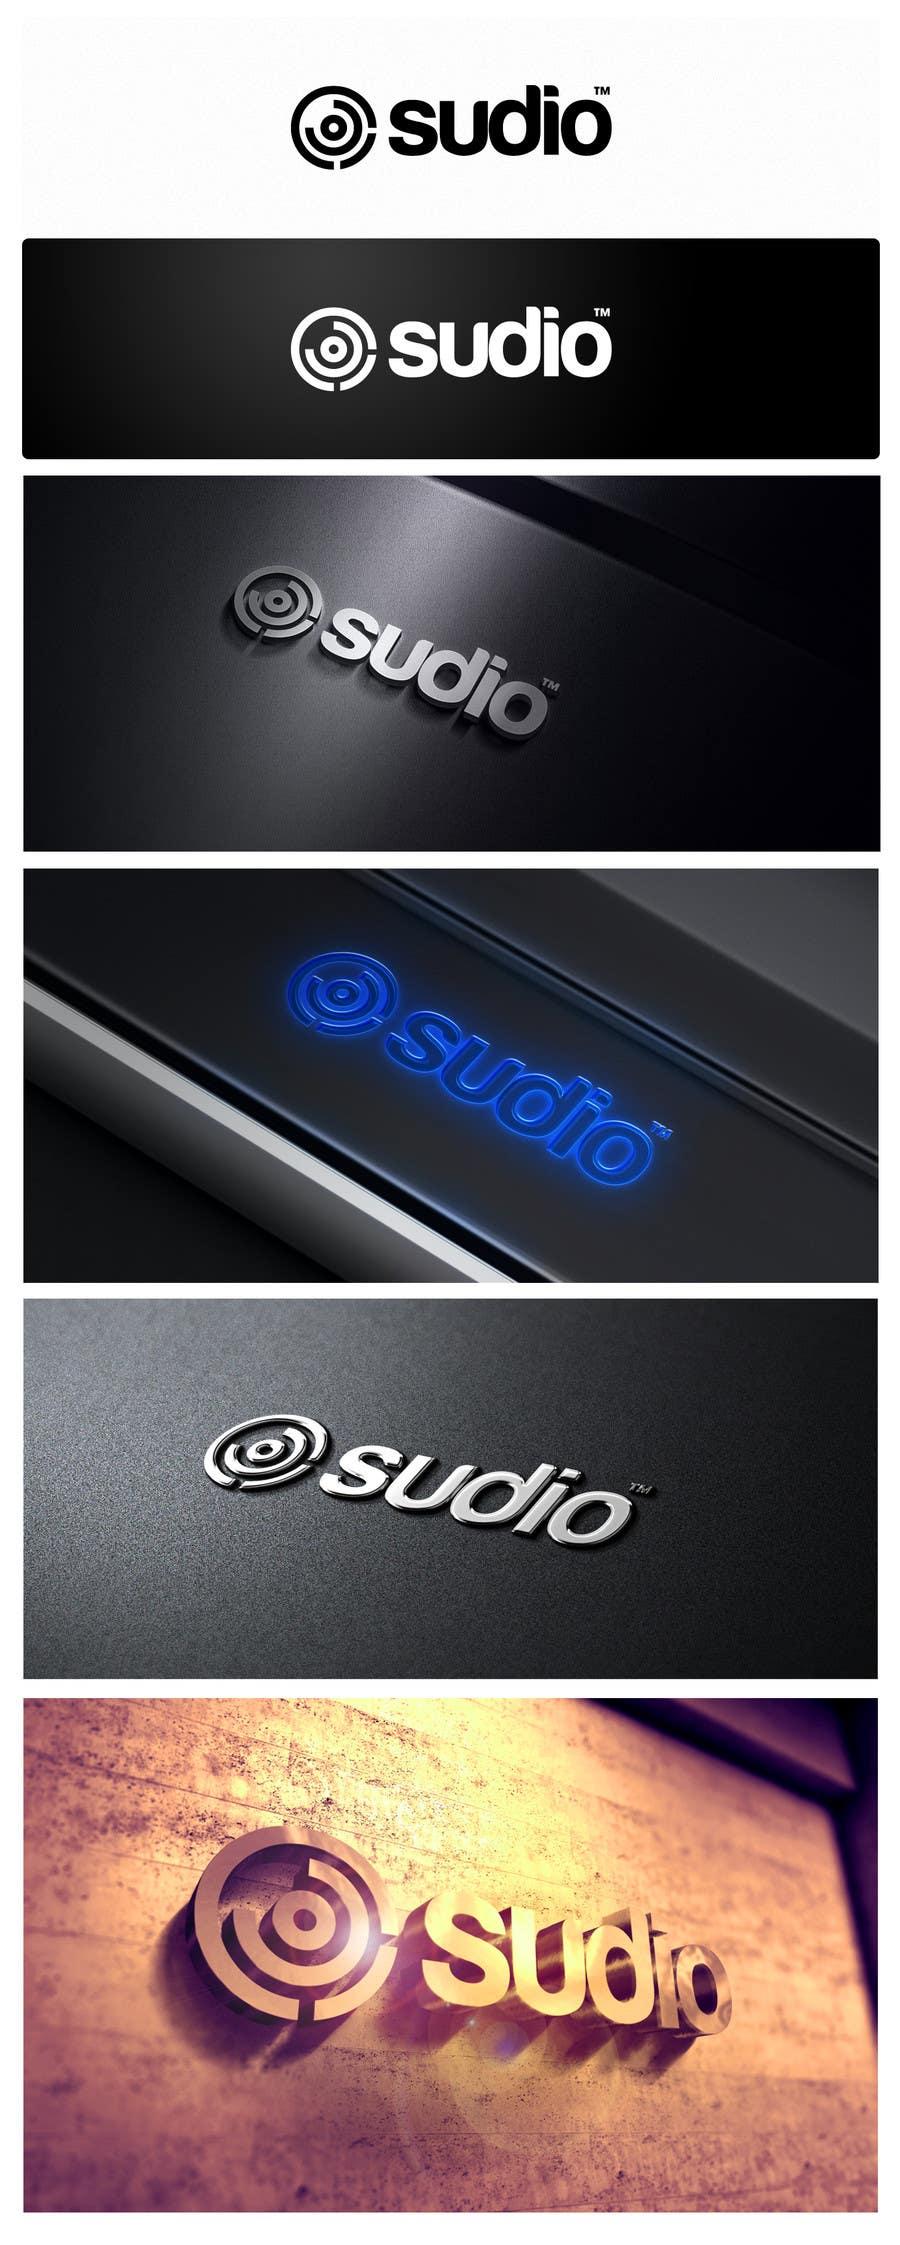 Penyertaan Peraduan #83 untuk Logo Design for sudio